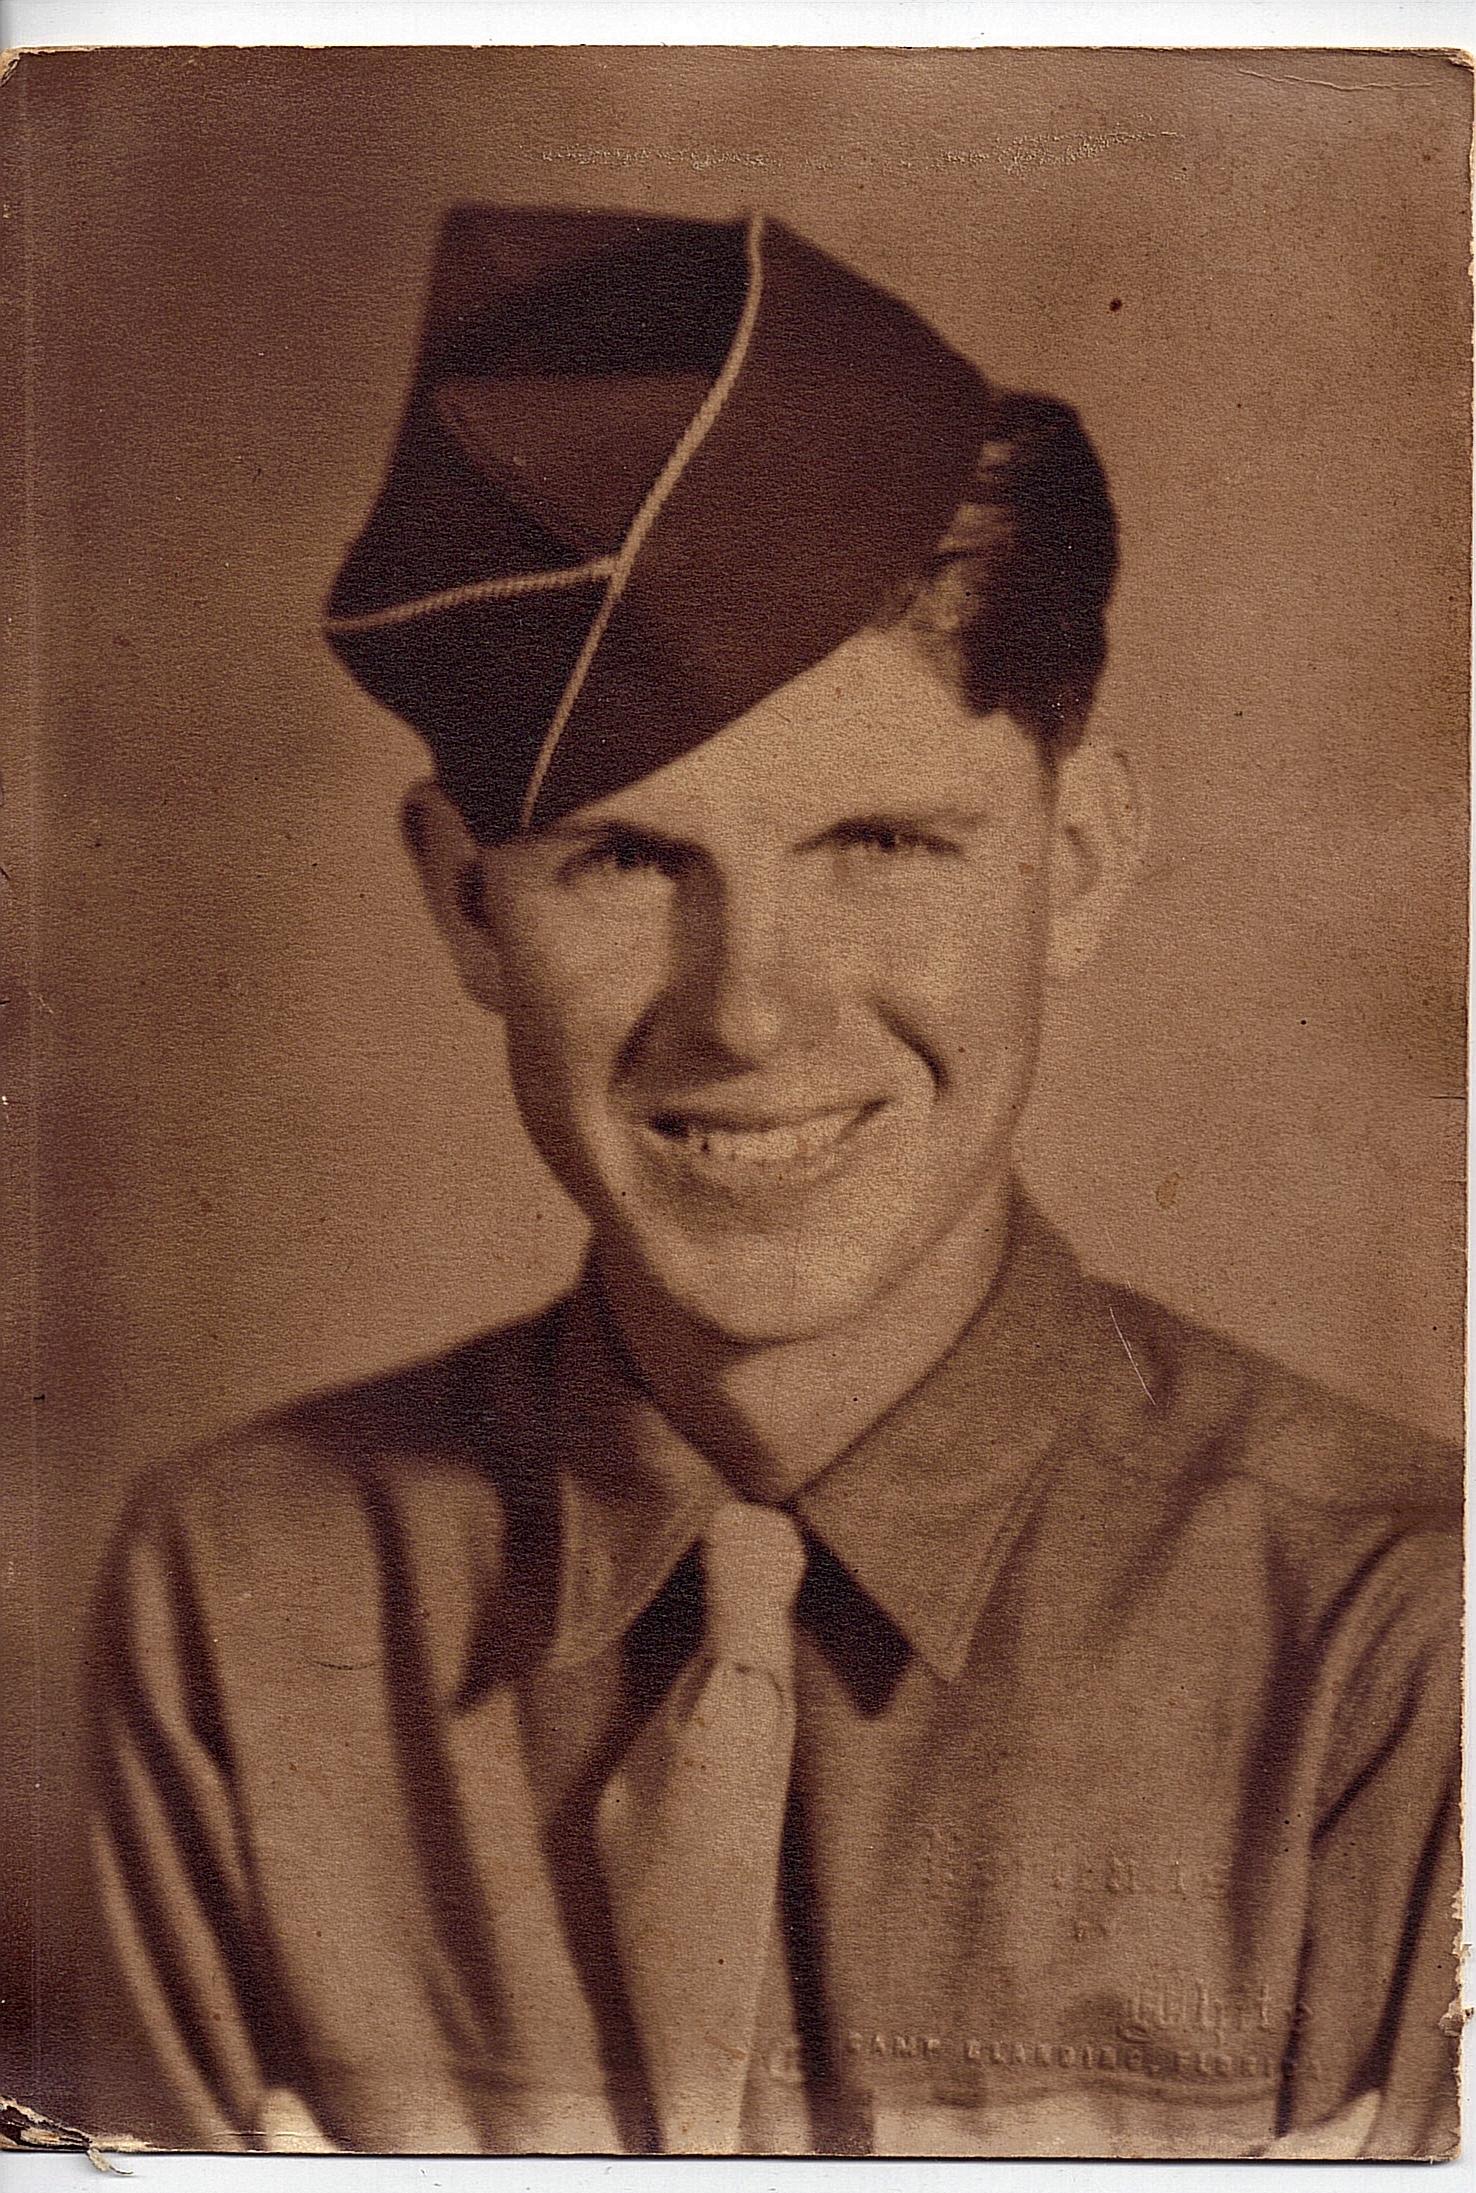 Staff Sergeant Raymond Johnson, Earned Silver Star fighting in WW II